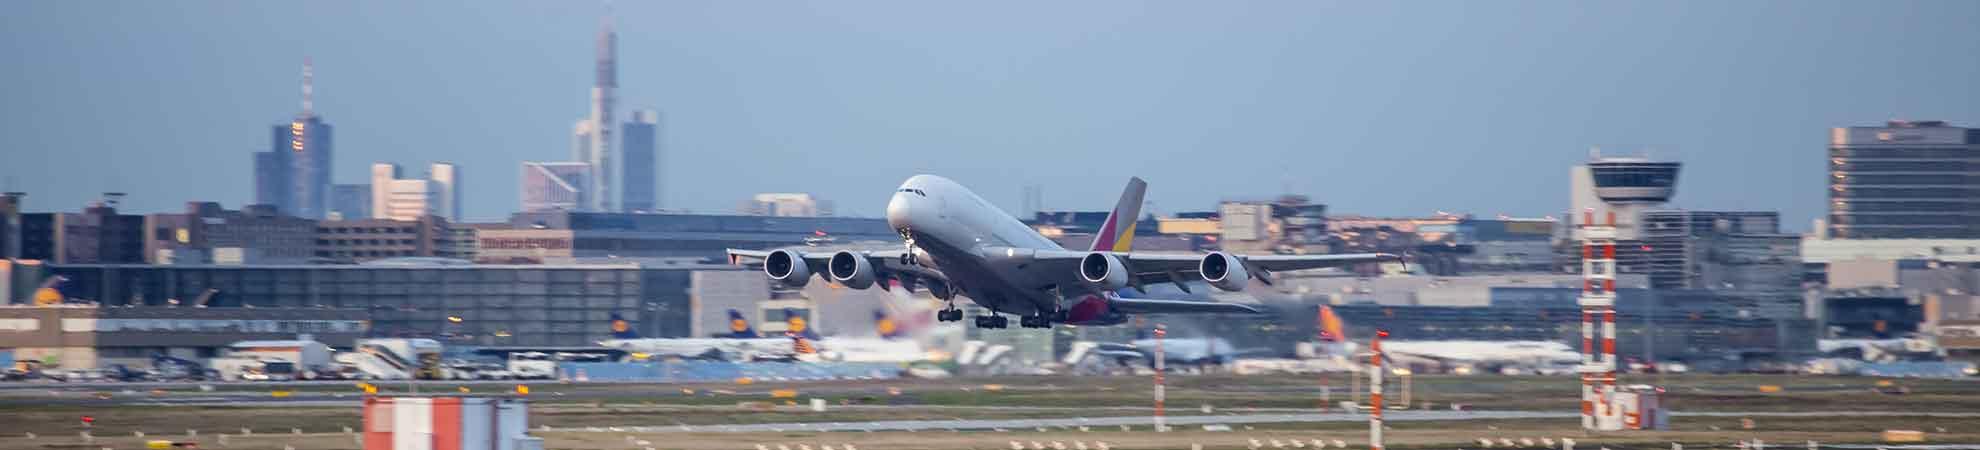 Conseils pratiques pour améliorer son expérience à l'aéroport au Sri Lanka